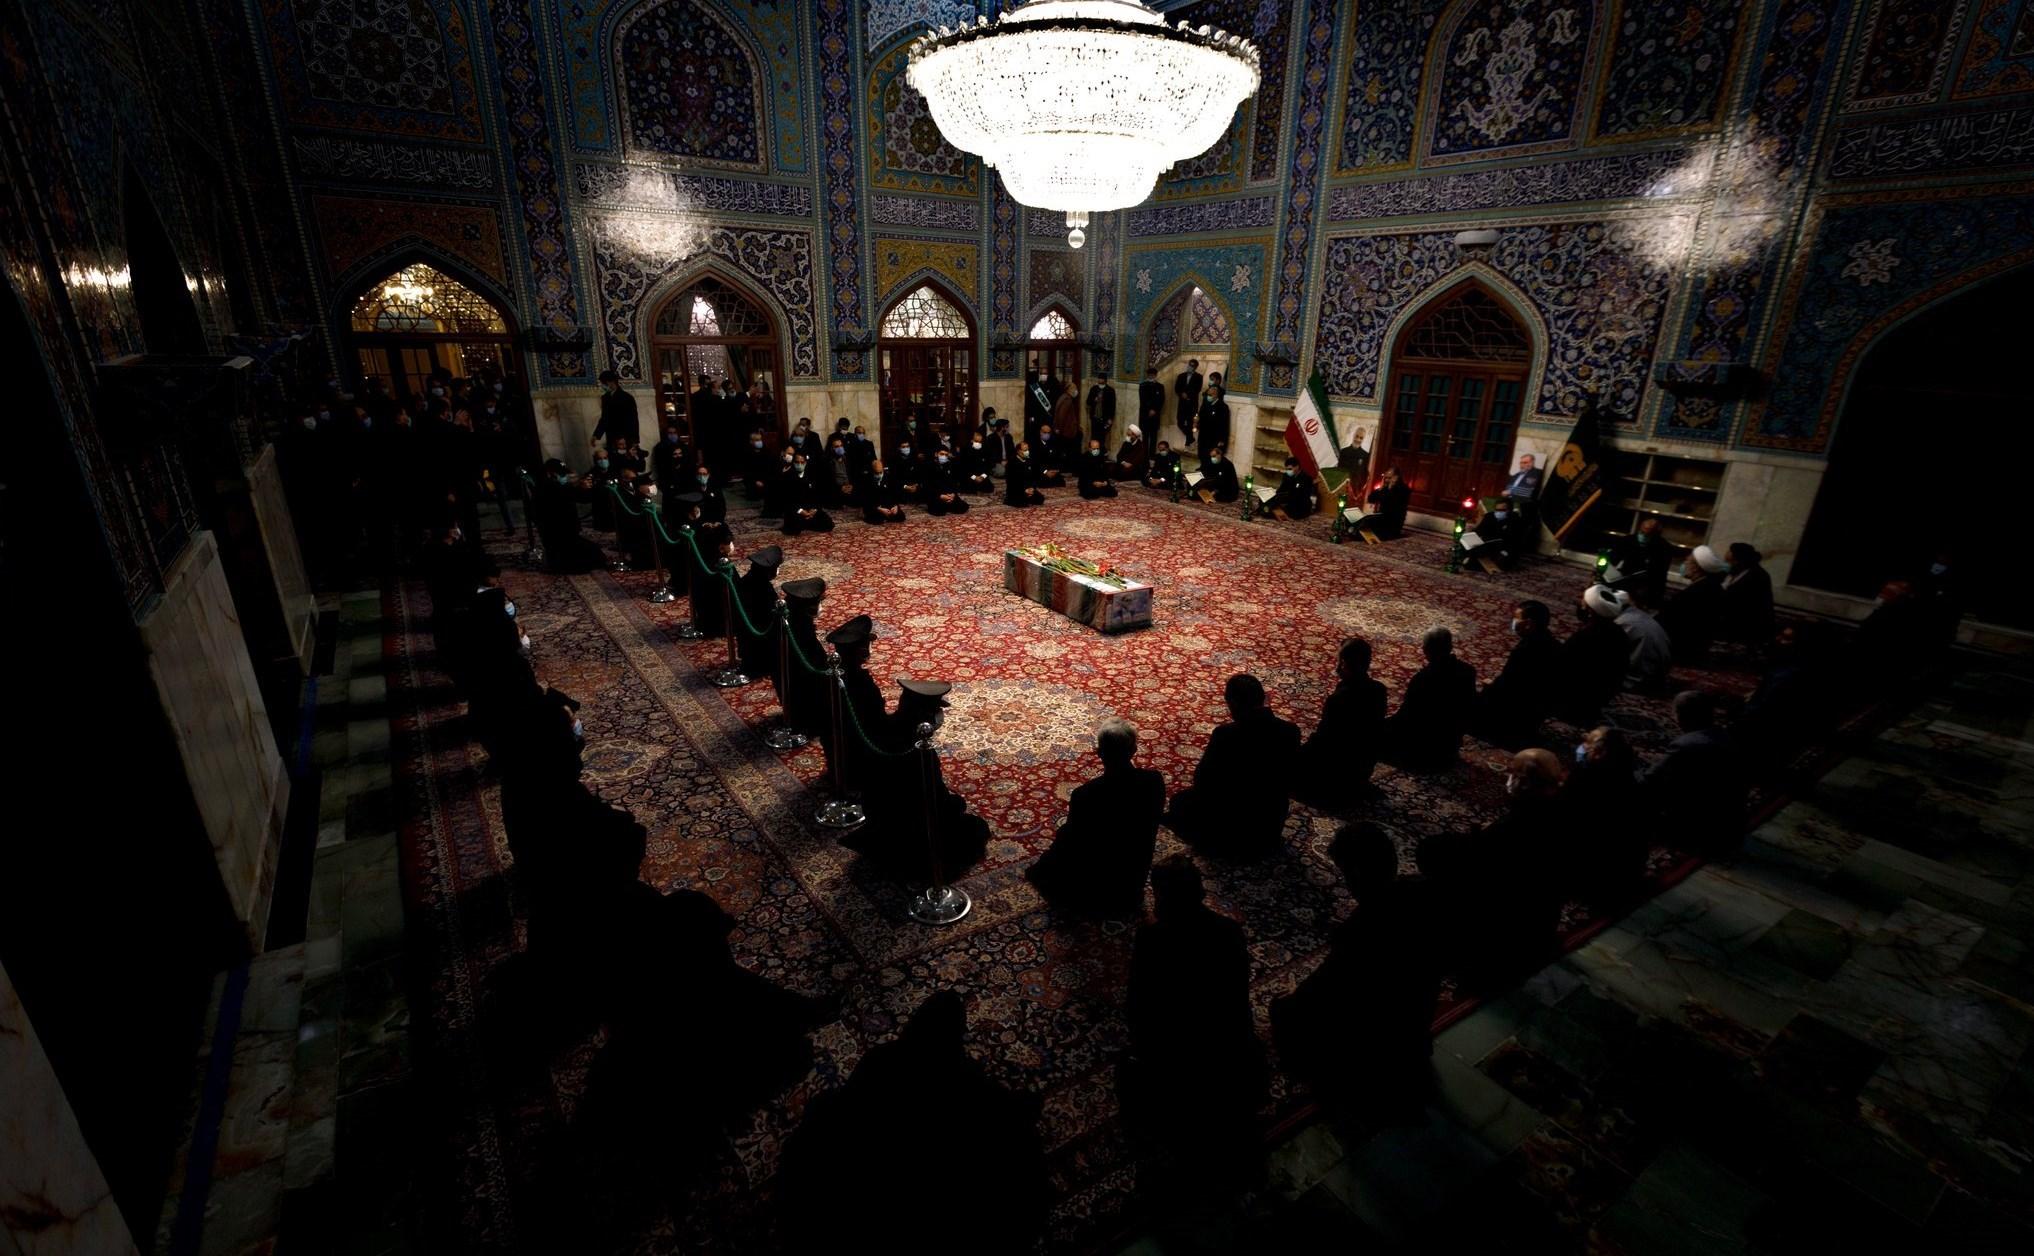 جثمان العالم الإيراني الشهيد محسن فخري في مرقد الإمام الرضا بمدينة مشهد